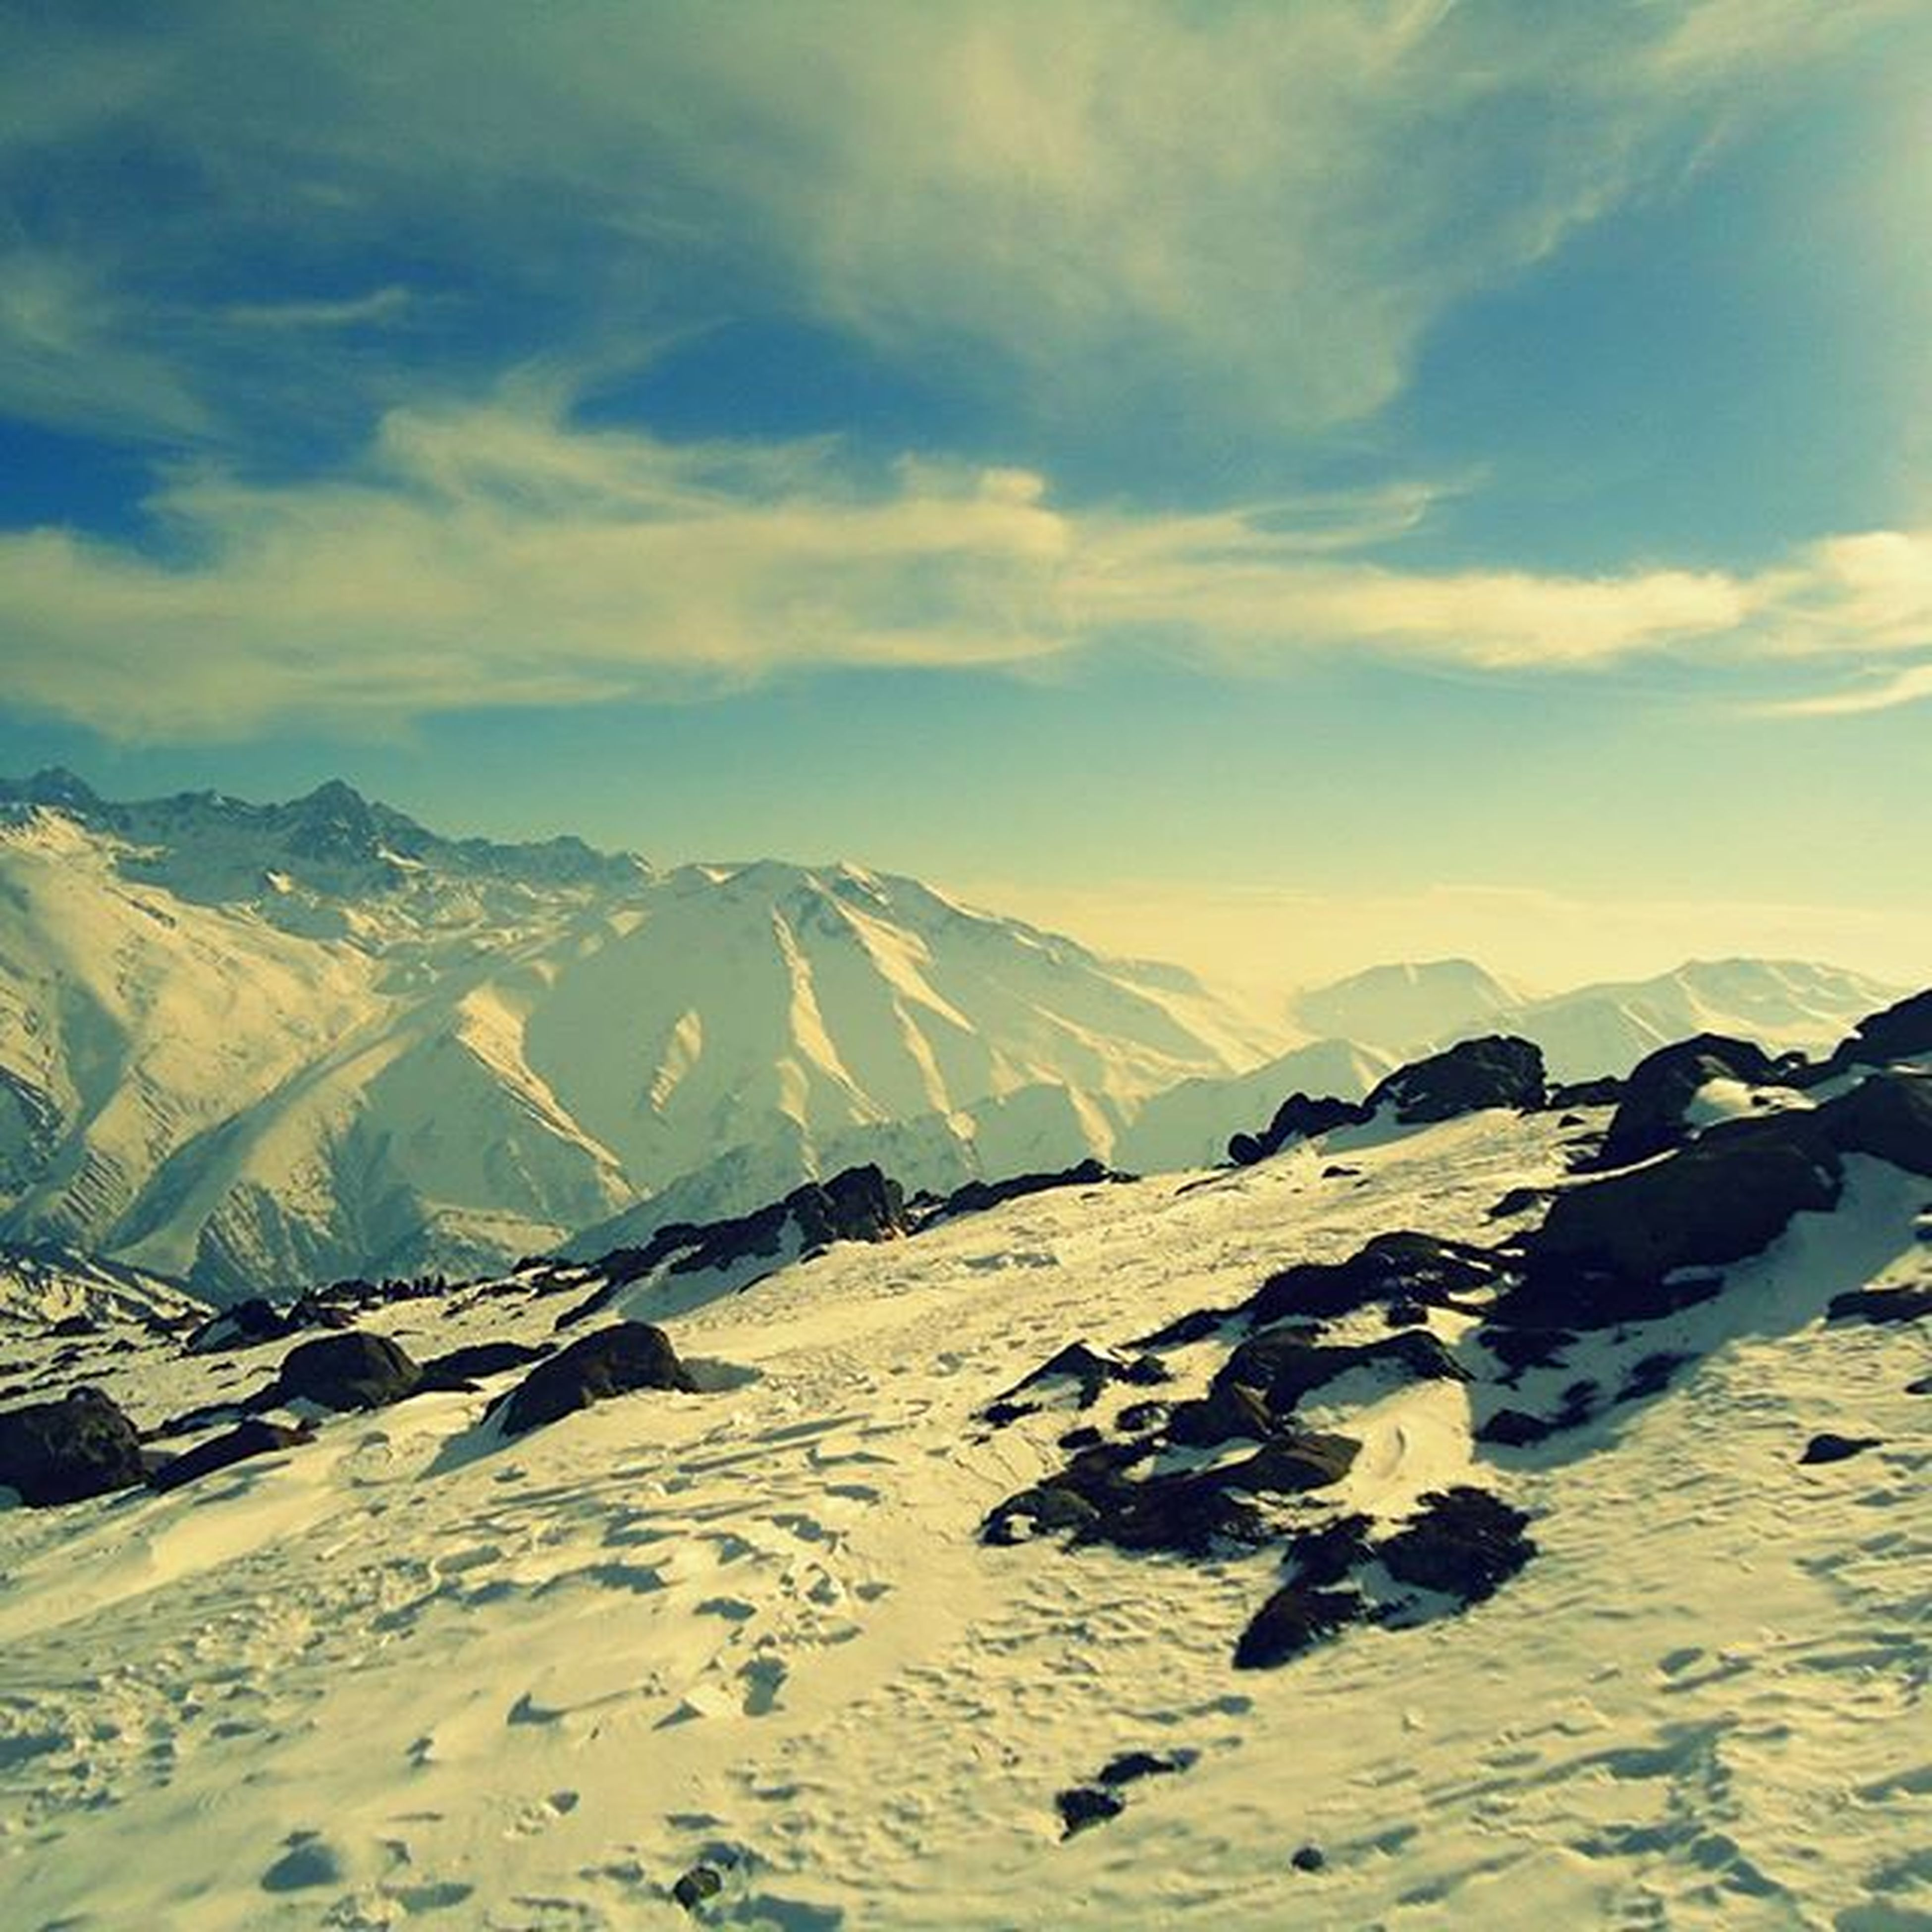 Mountains Adventorouslife Photographyislifee Doyoutravel natgeo natgeotravel traveling highestheaven loveit